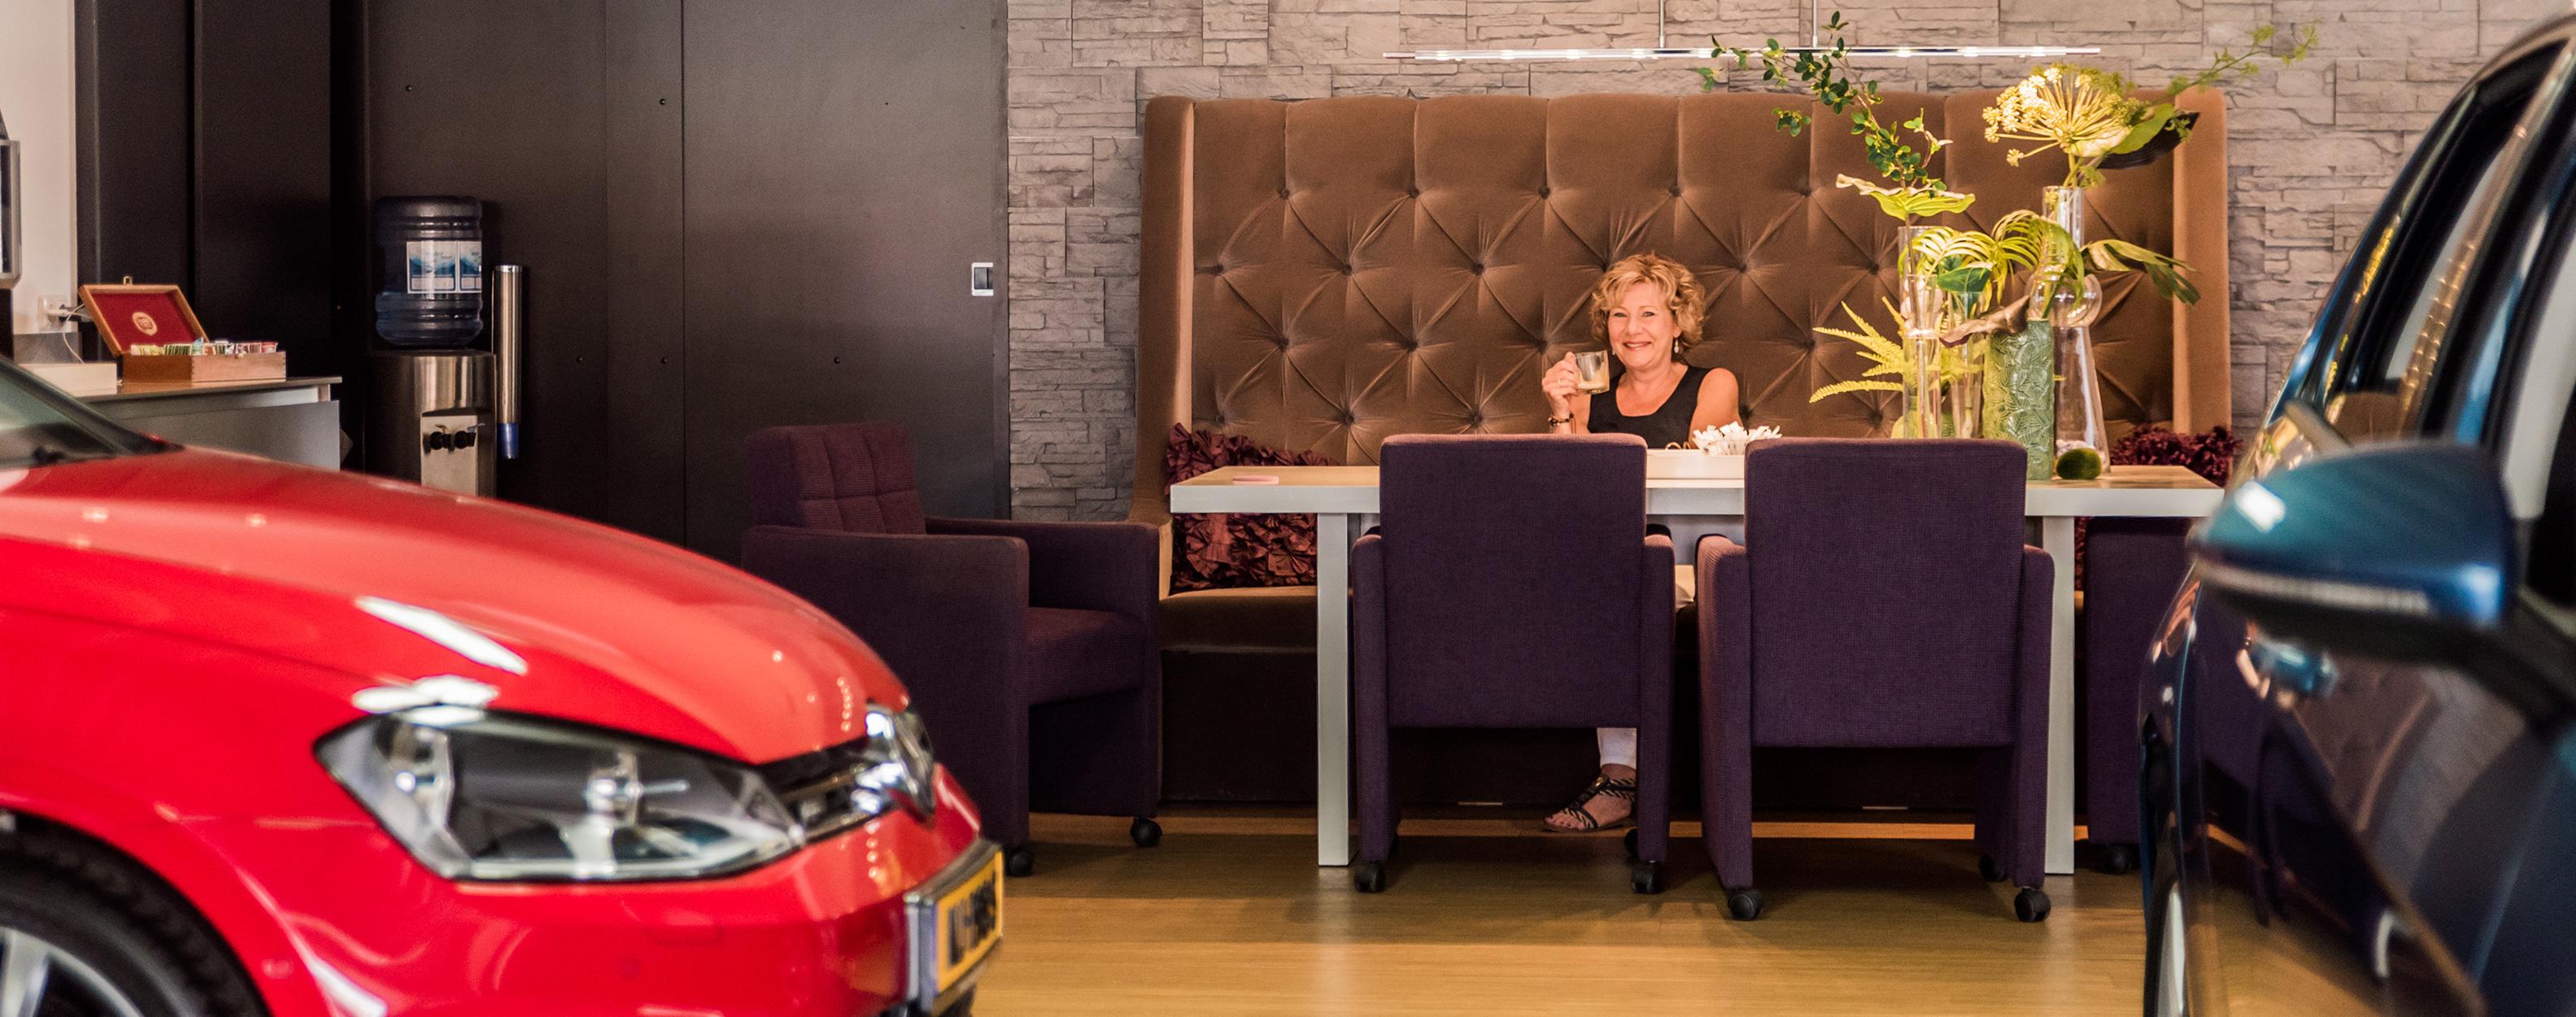 Een klant geniet van een vers kopje koffie bij Auto Koldewijn, terwijl ze op haar auto wacht